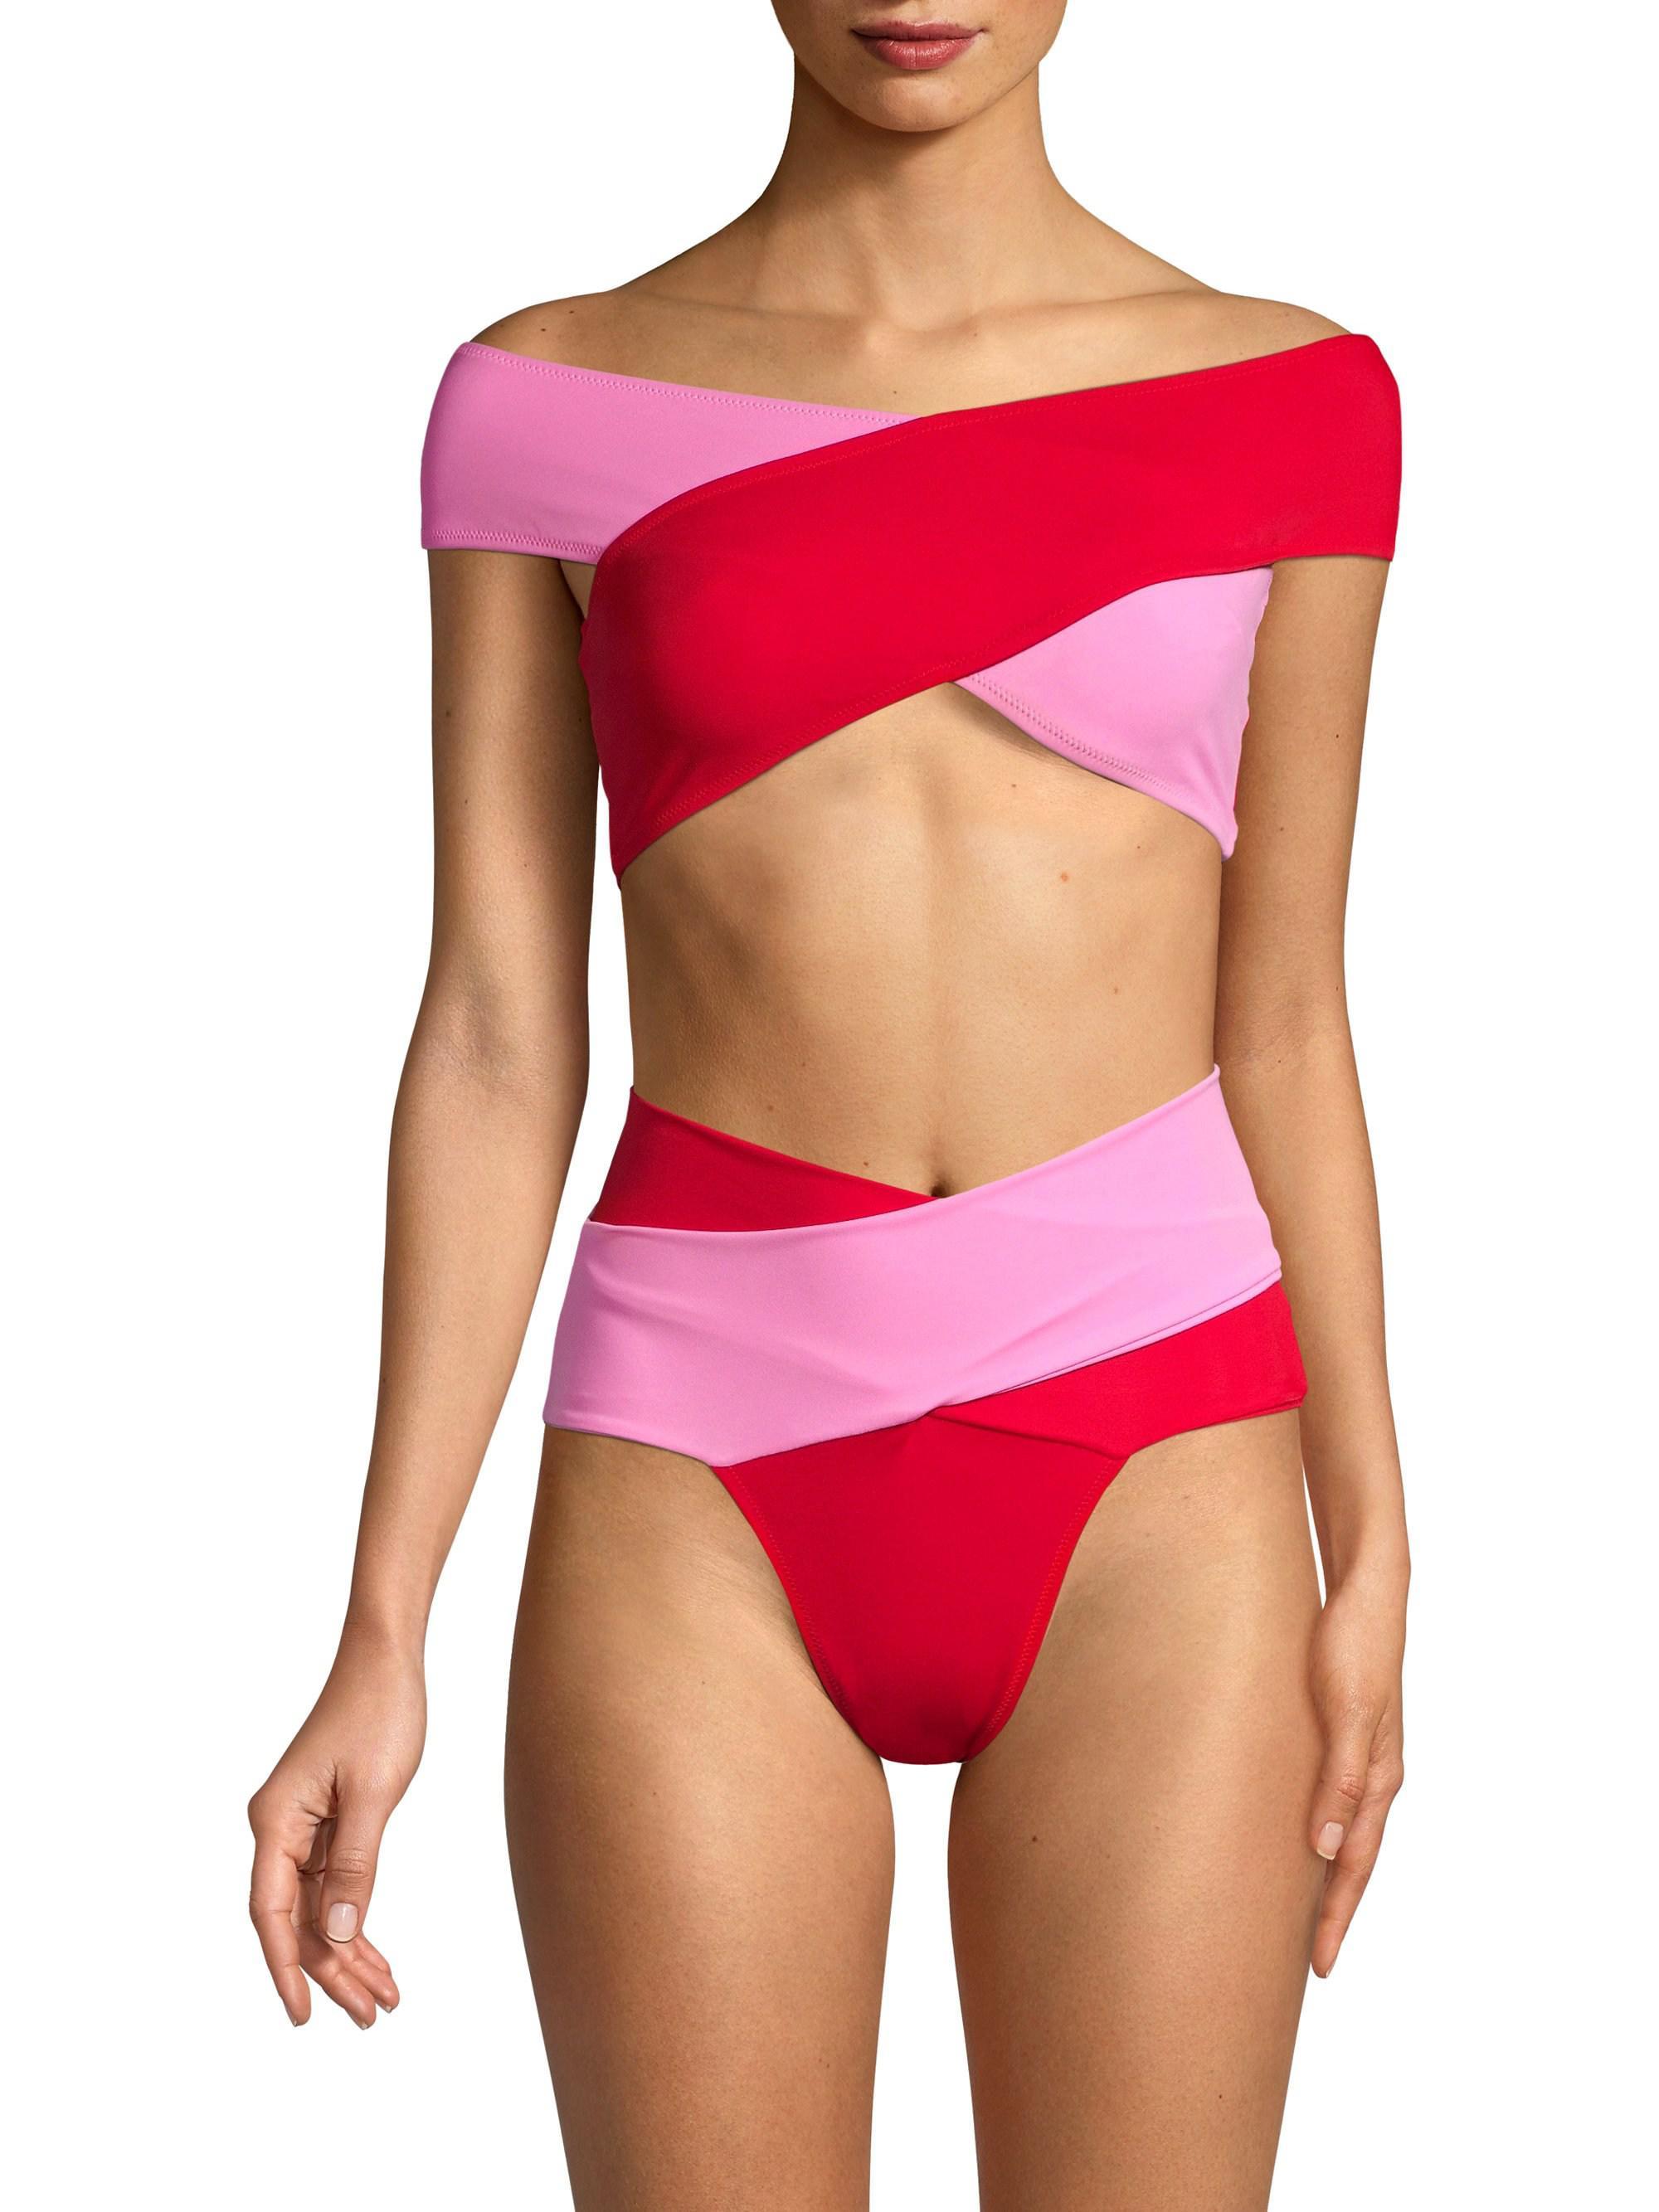 OYE Swimwear Womens Ela Bikini Set Pink//Red Small OYE Swimwear-Women/'s